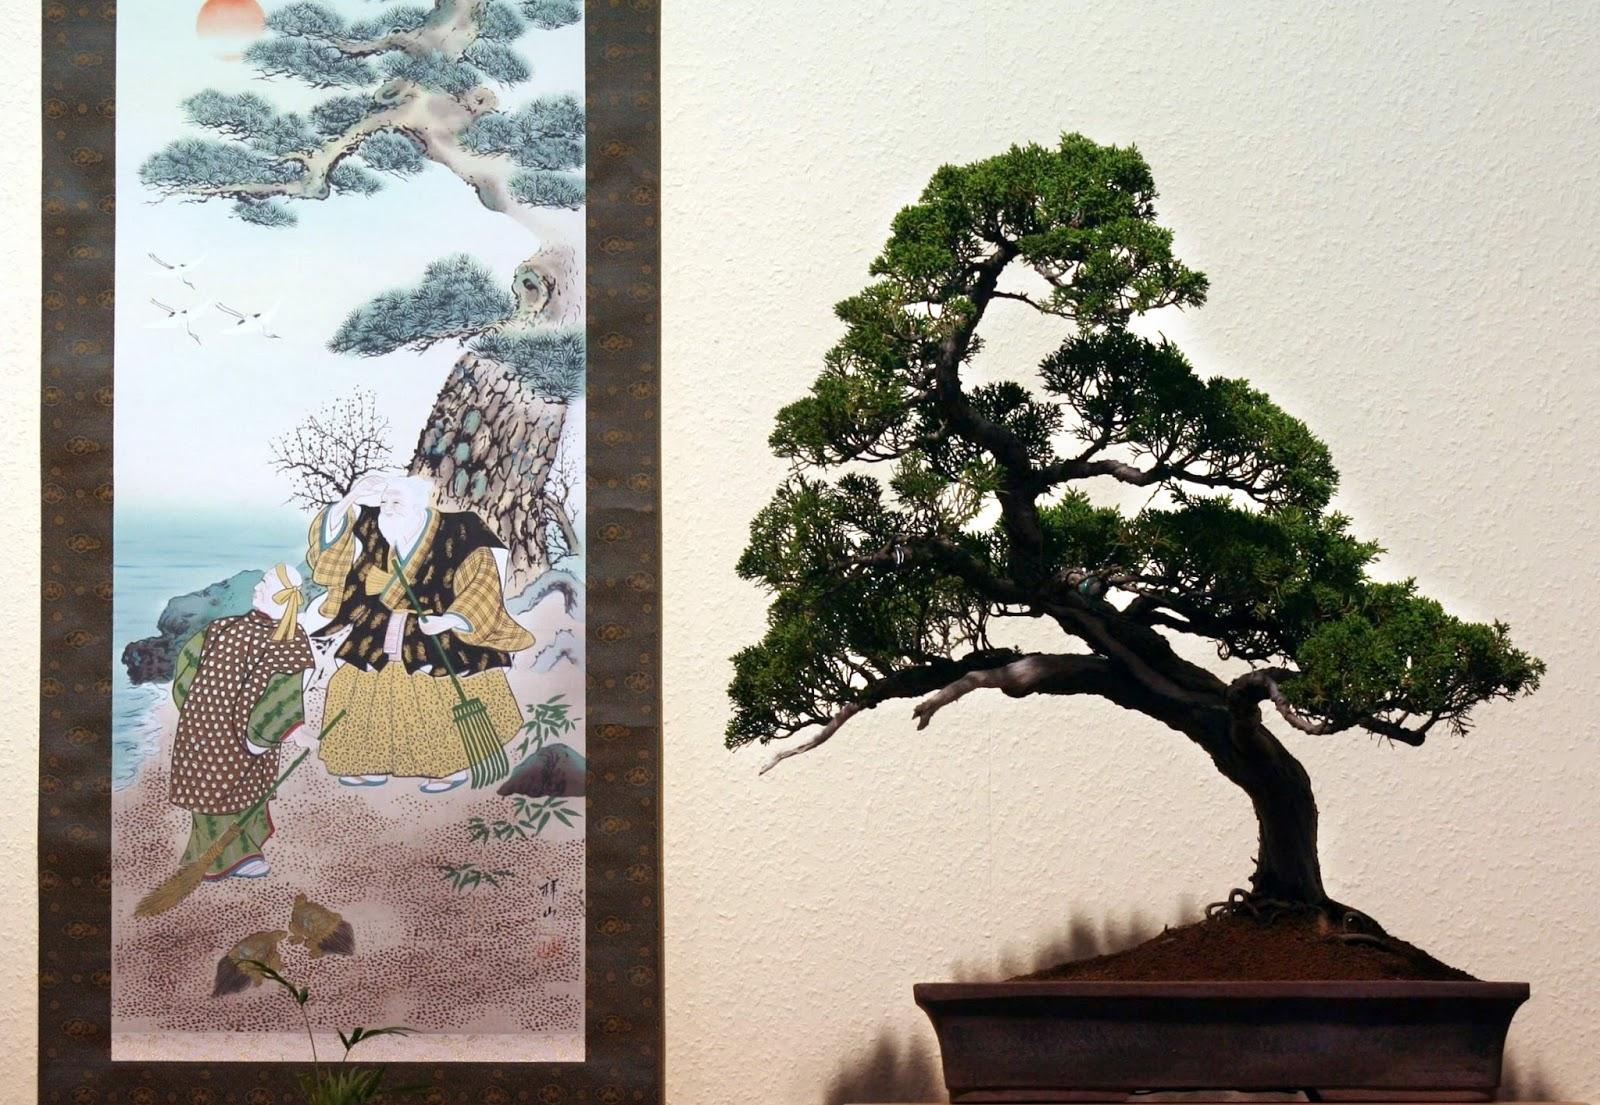 entwicklung eines chinesischen wacholders juniperus chinensis 39 shimpaku 39. Black Bedroom Furniture Sets. Home Design Ideas